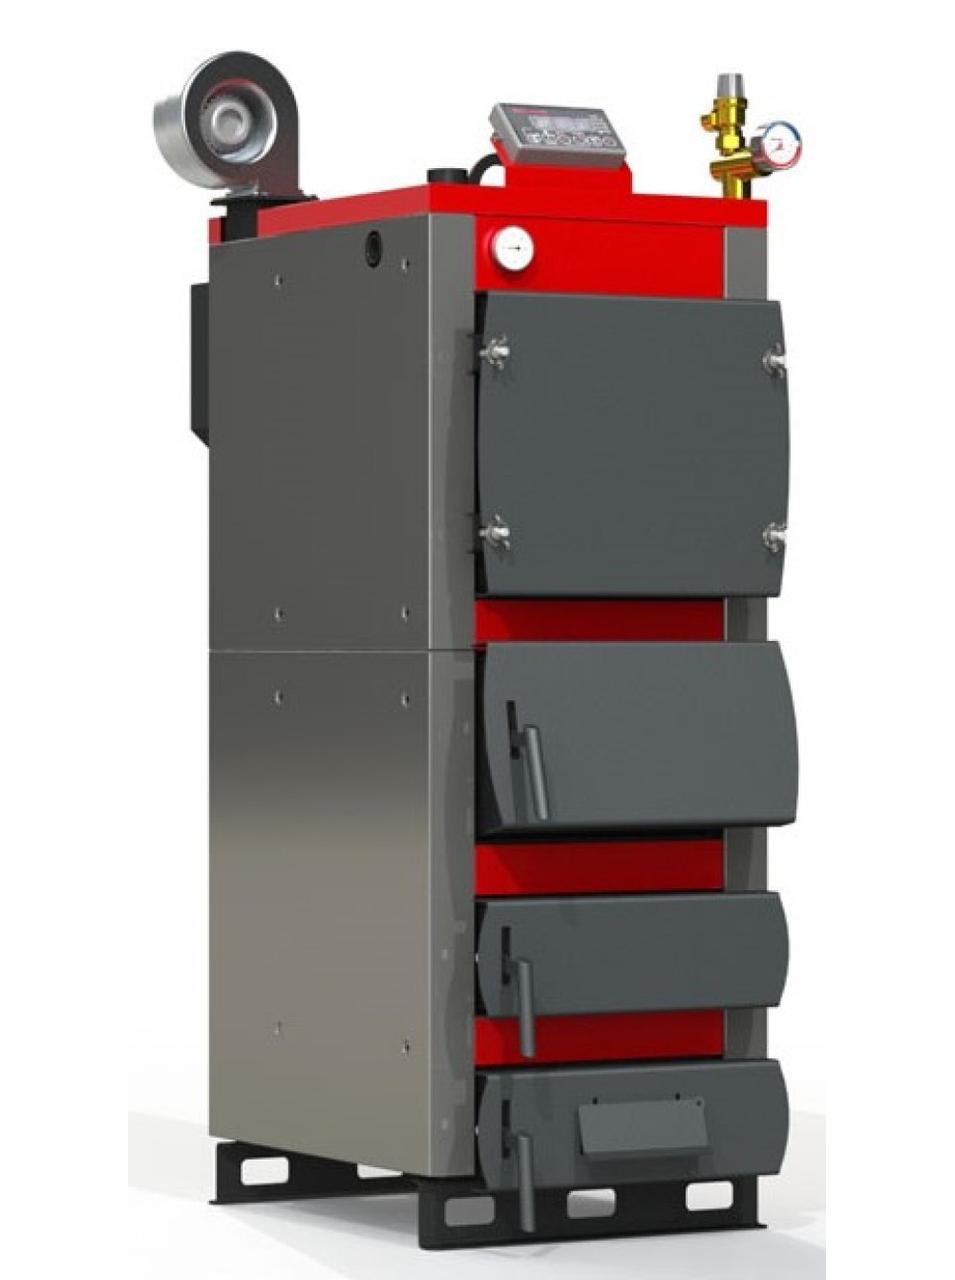 Котел длительного горения ProTech ТТ-60 кВт Smart MW с микропроцессорным контроллером (автоматикой)